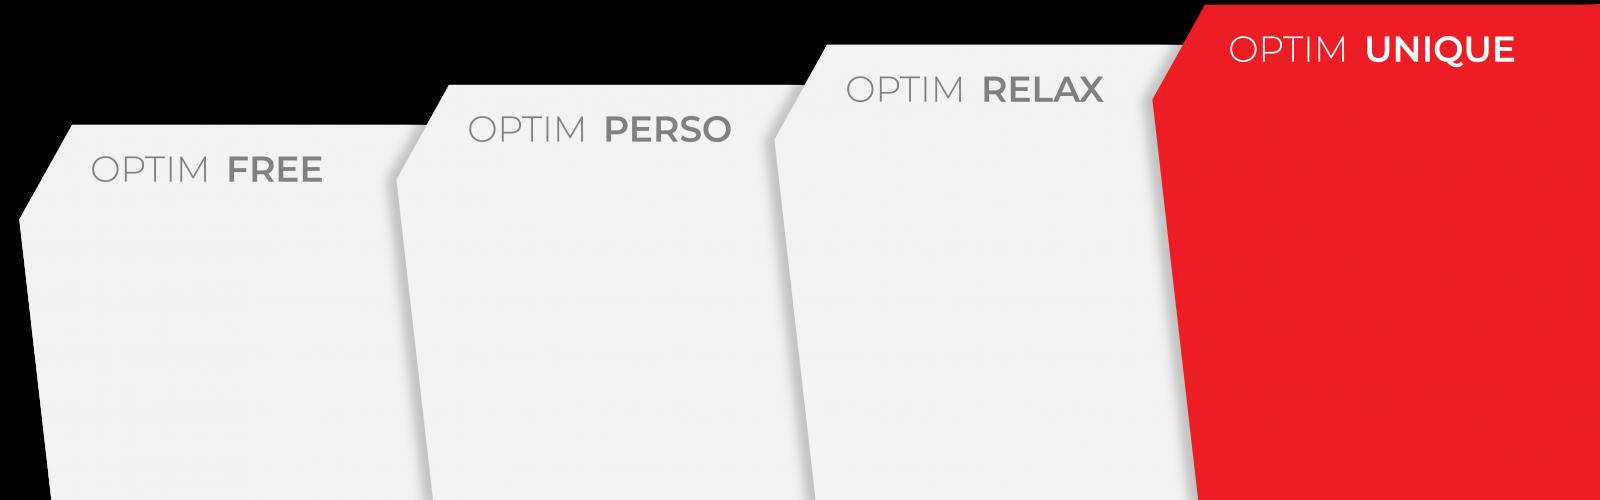 Optim_Unique_Hero2